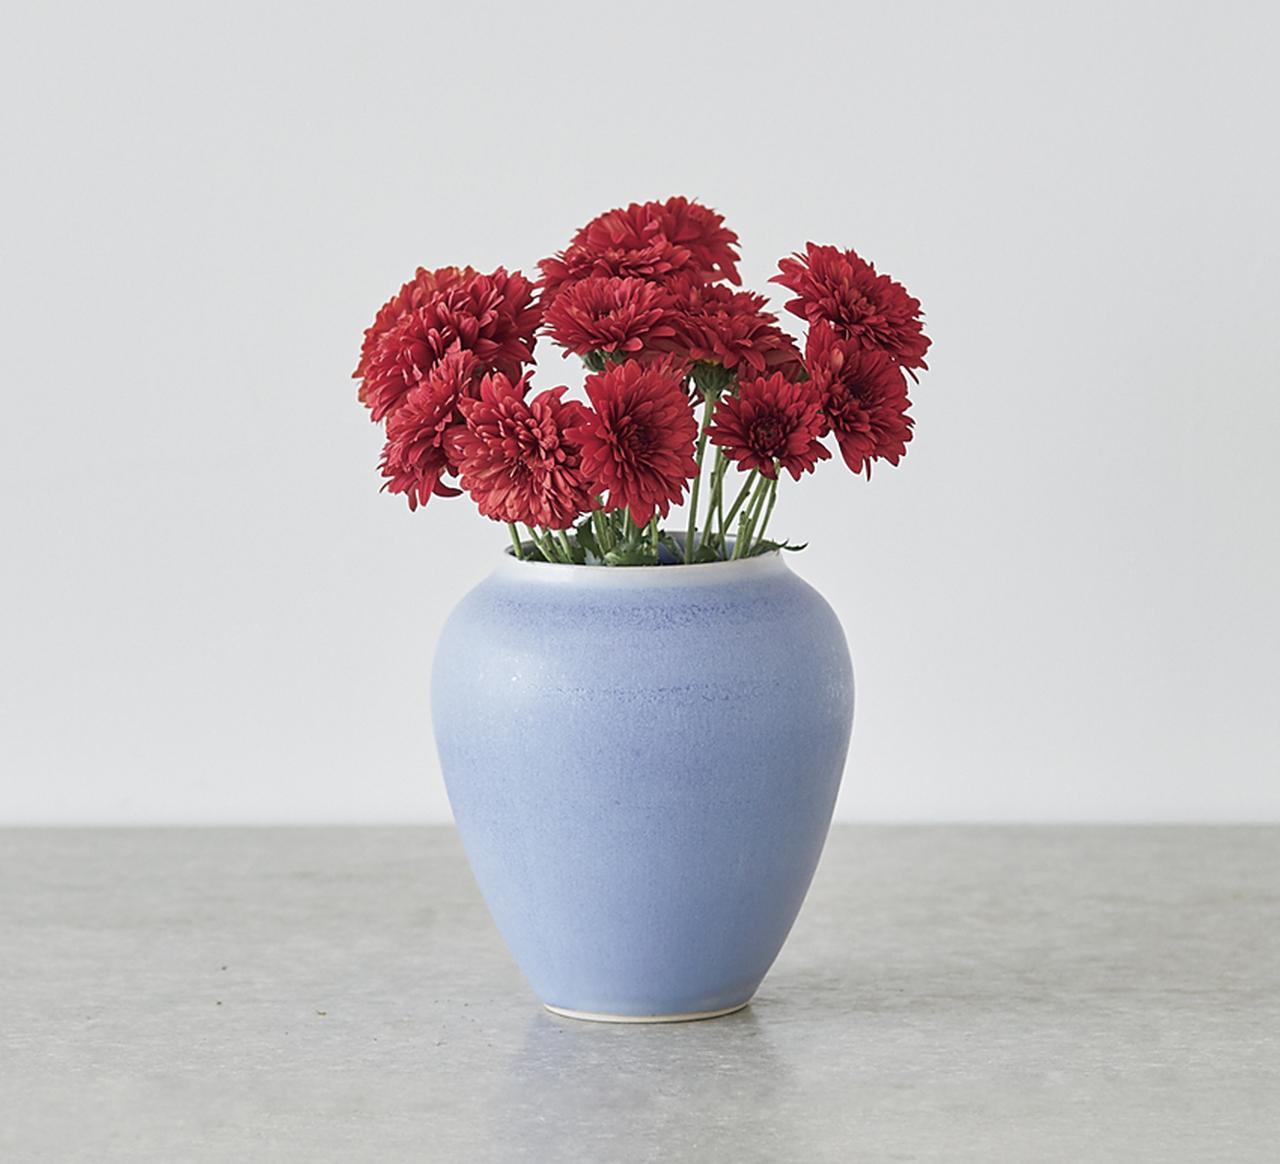 ラフに花を生けるだけで、絵になる花瓶[贅沢な日用品]